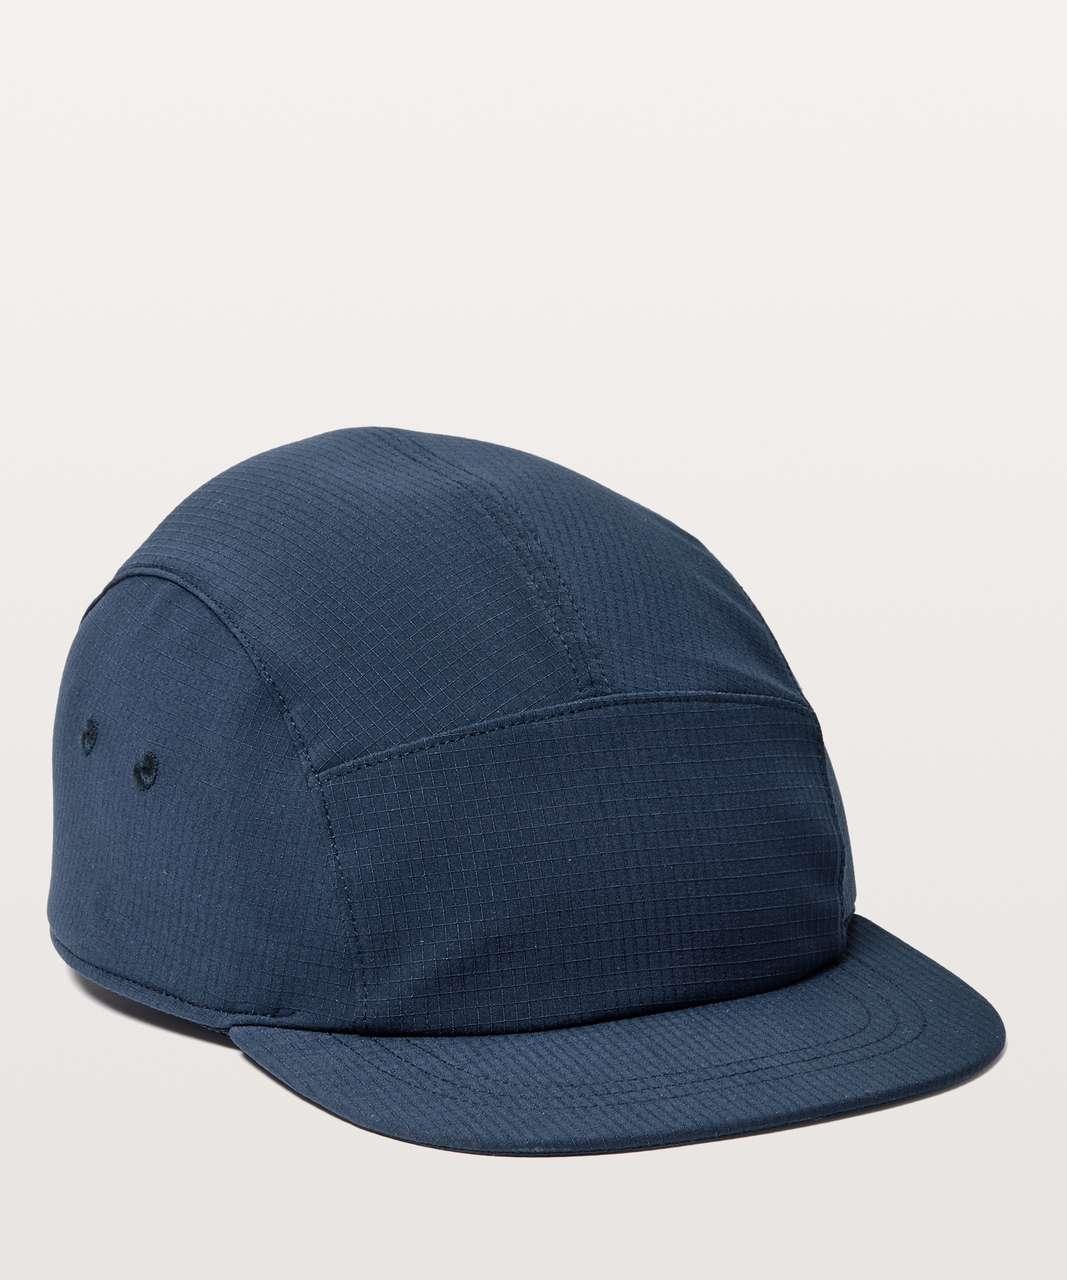 9bf08f09 Lululemon Five Times Hat - True Navy - lulu fanatics